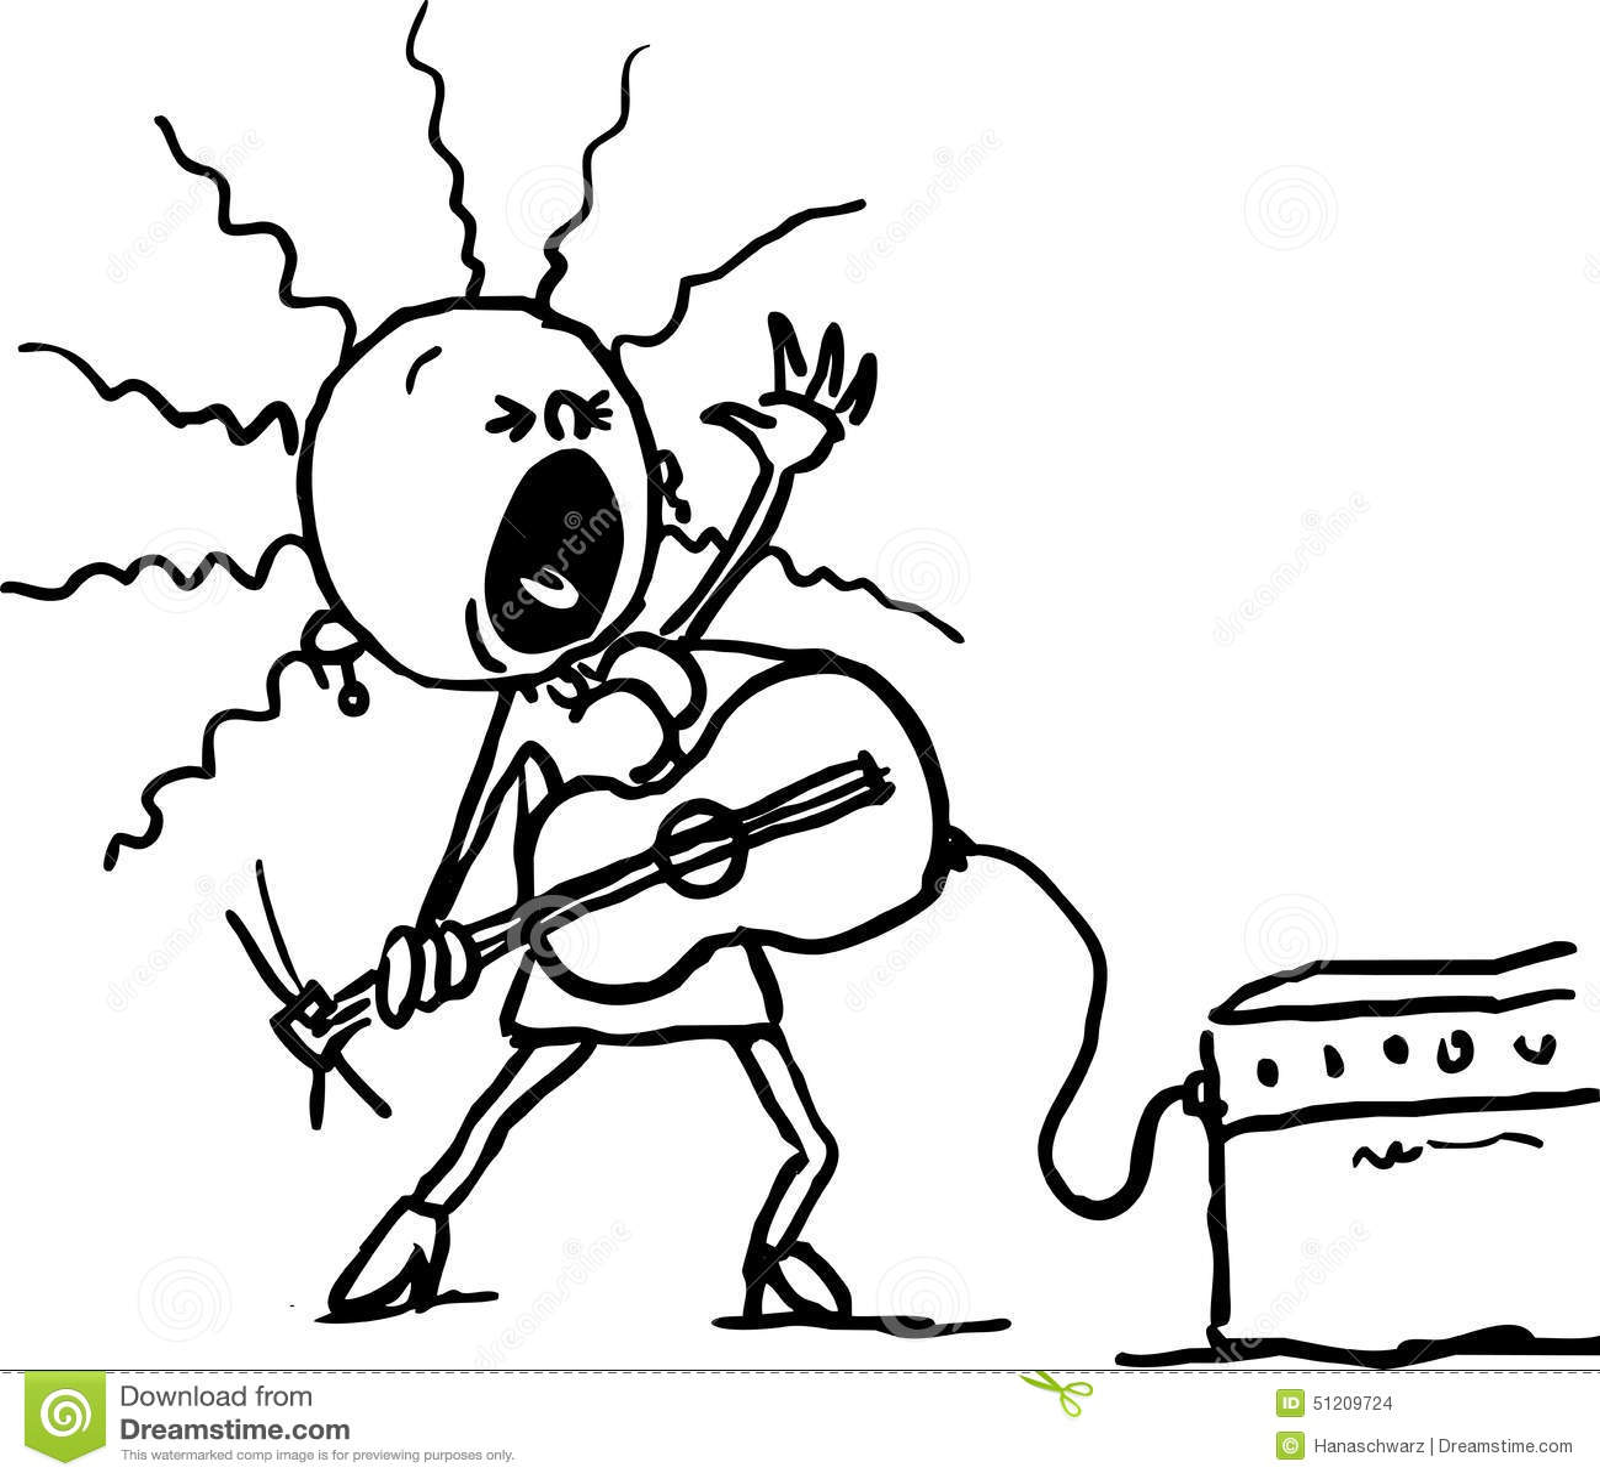 Küchenhaus Schwarz Singen ~ frauenspiel die gitarre und singen schwarze linie vektor